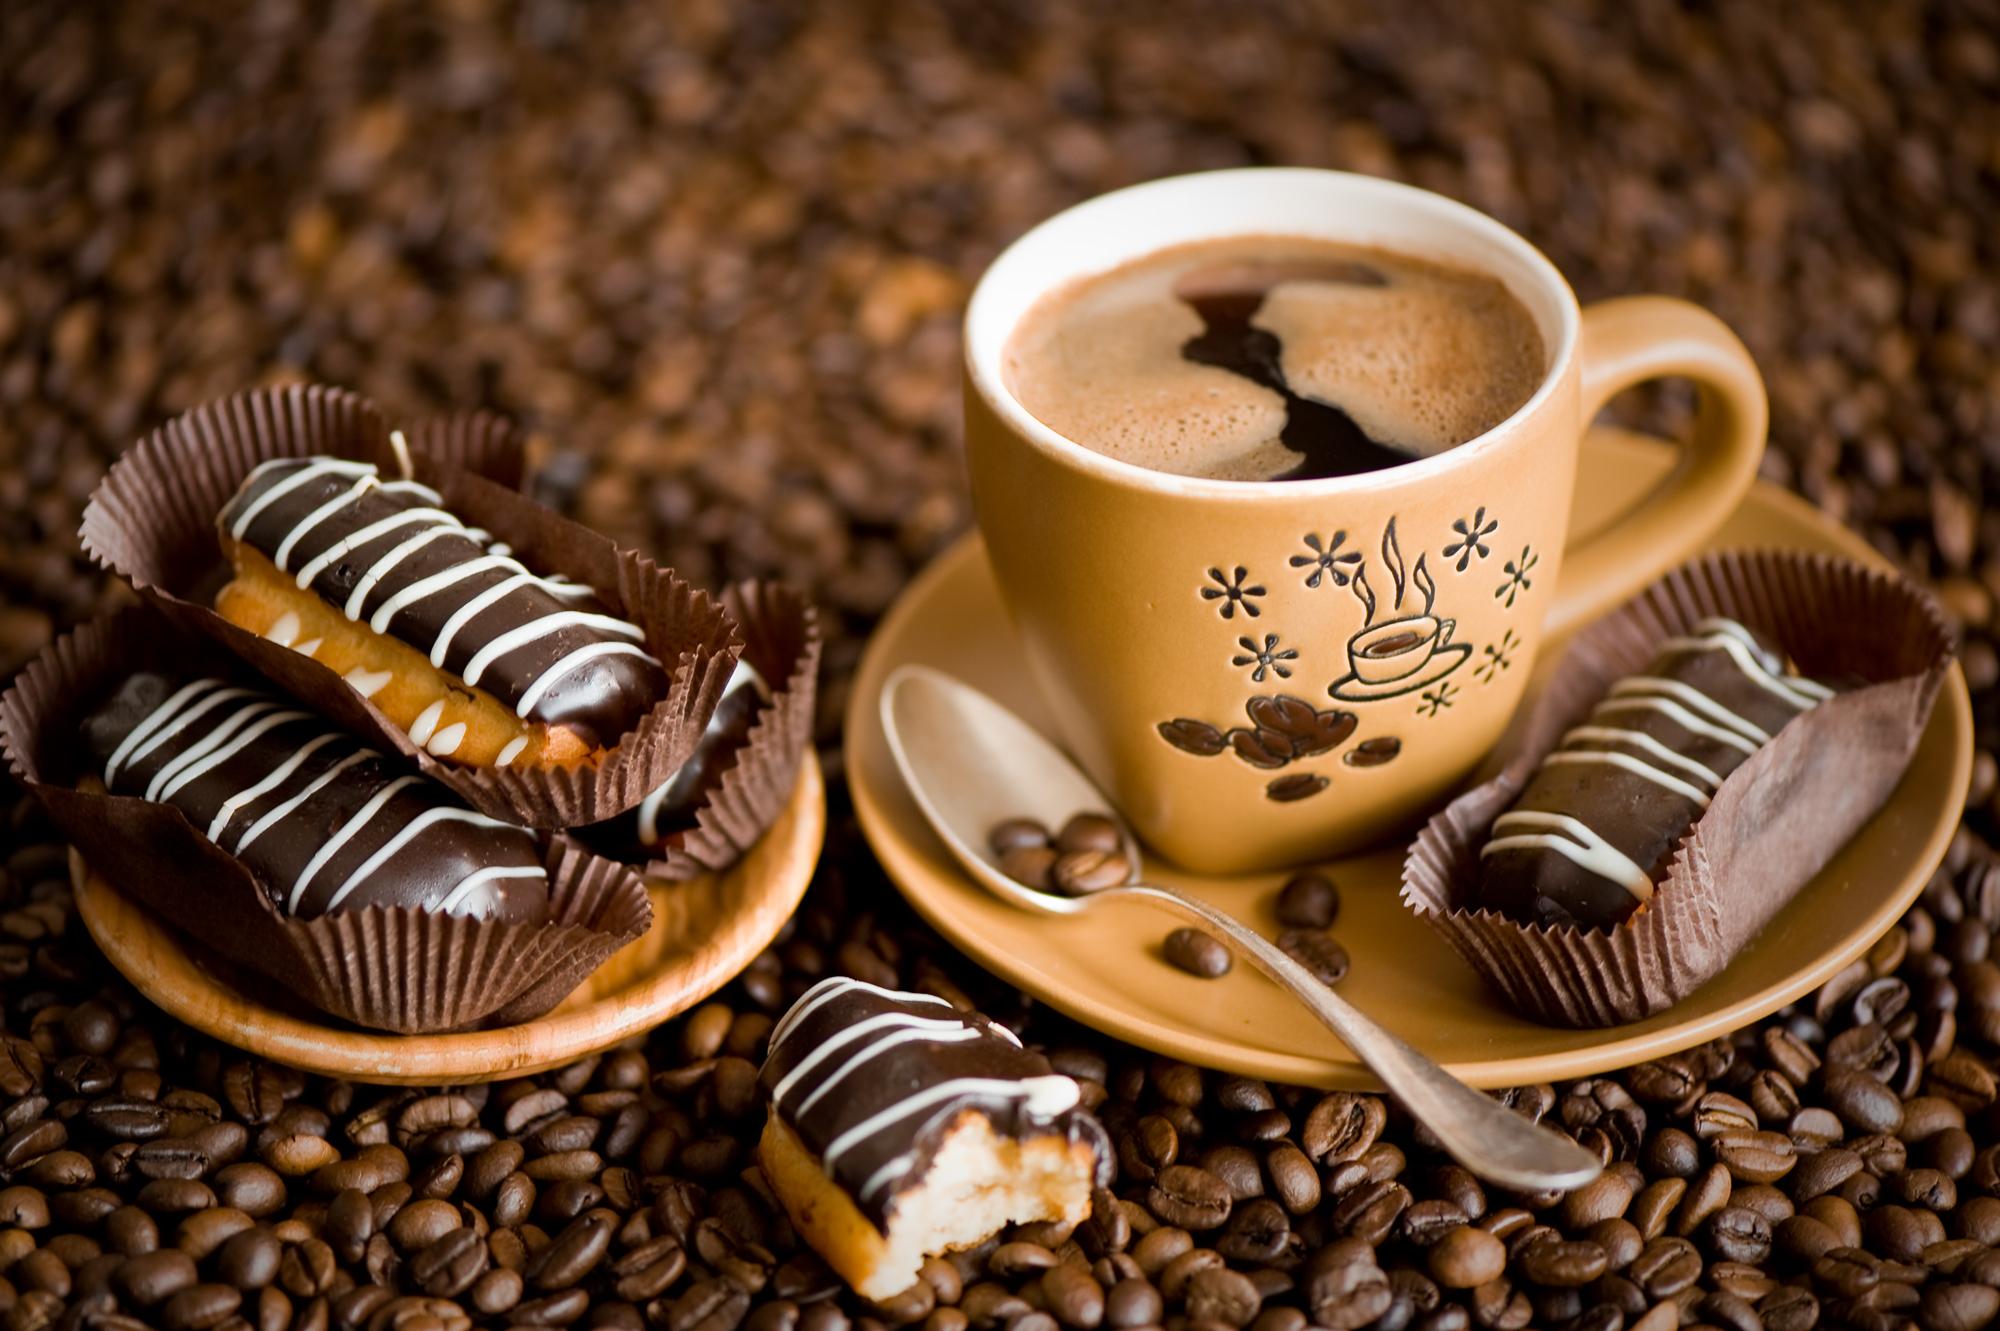 Открытки кофе и пирожное, получить открытки пара